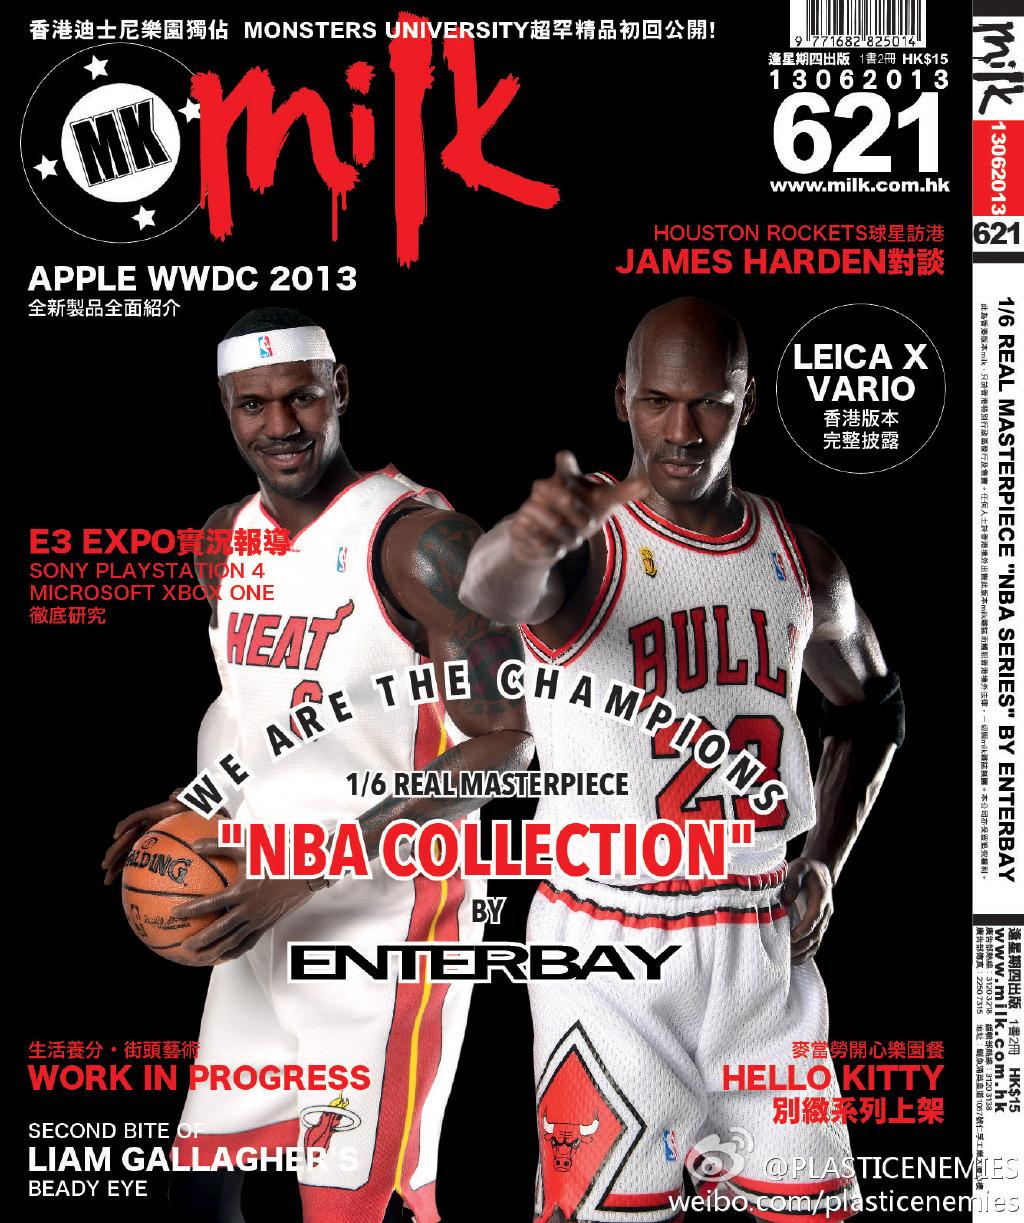 [Enterbay] NBA Real Masterpiece - LeBron James - Página 3 6a853733gw1e5vnpnll16j211318awx3